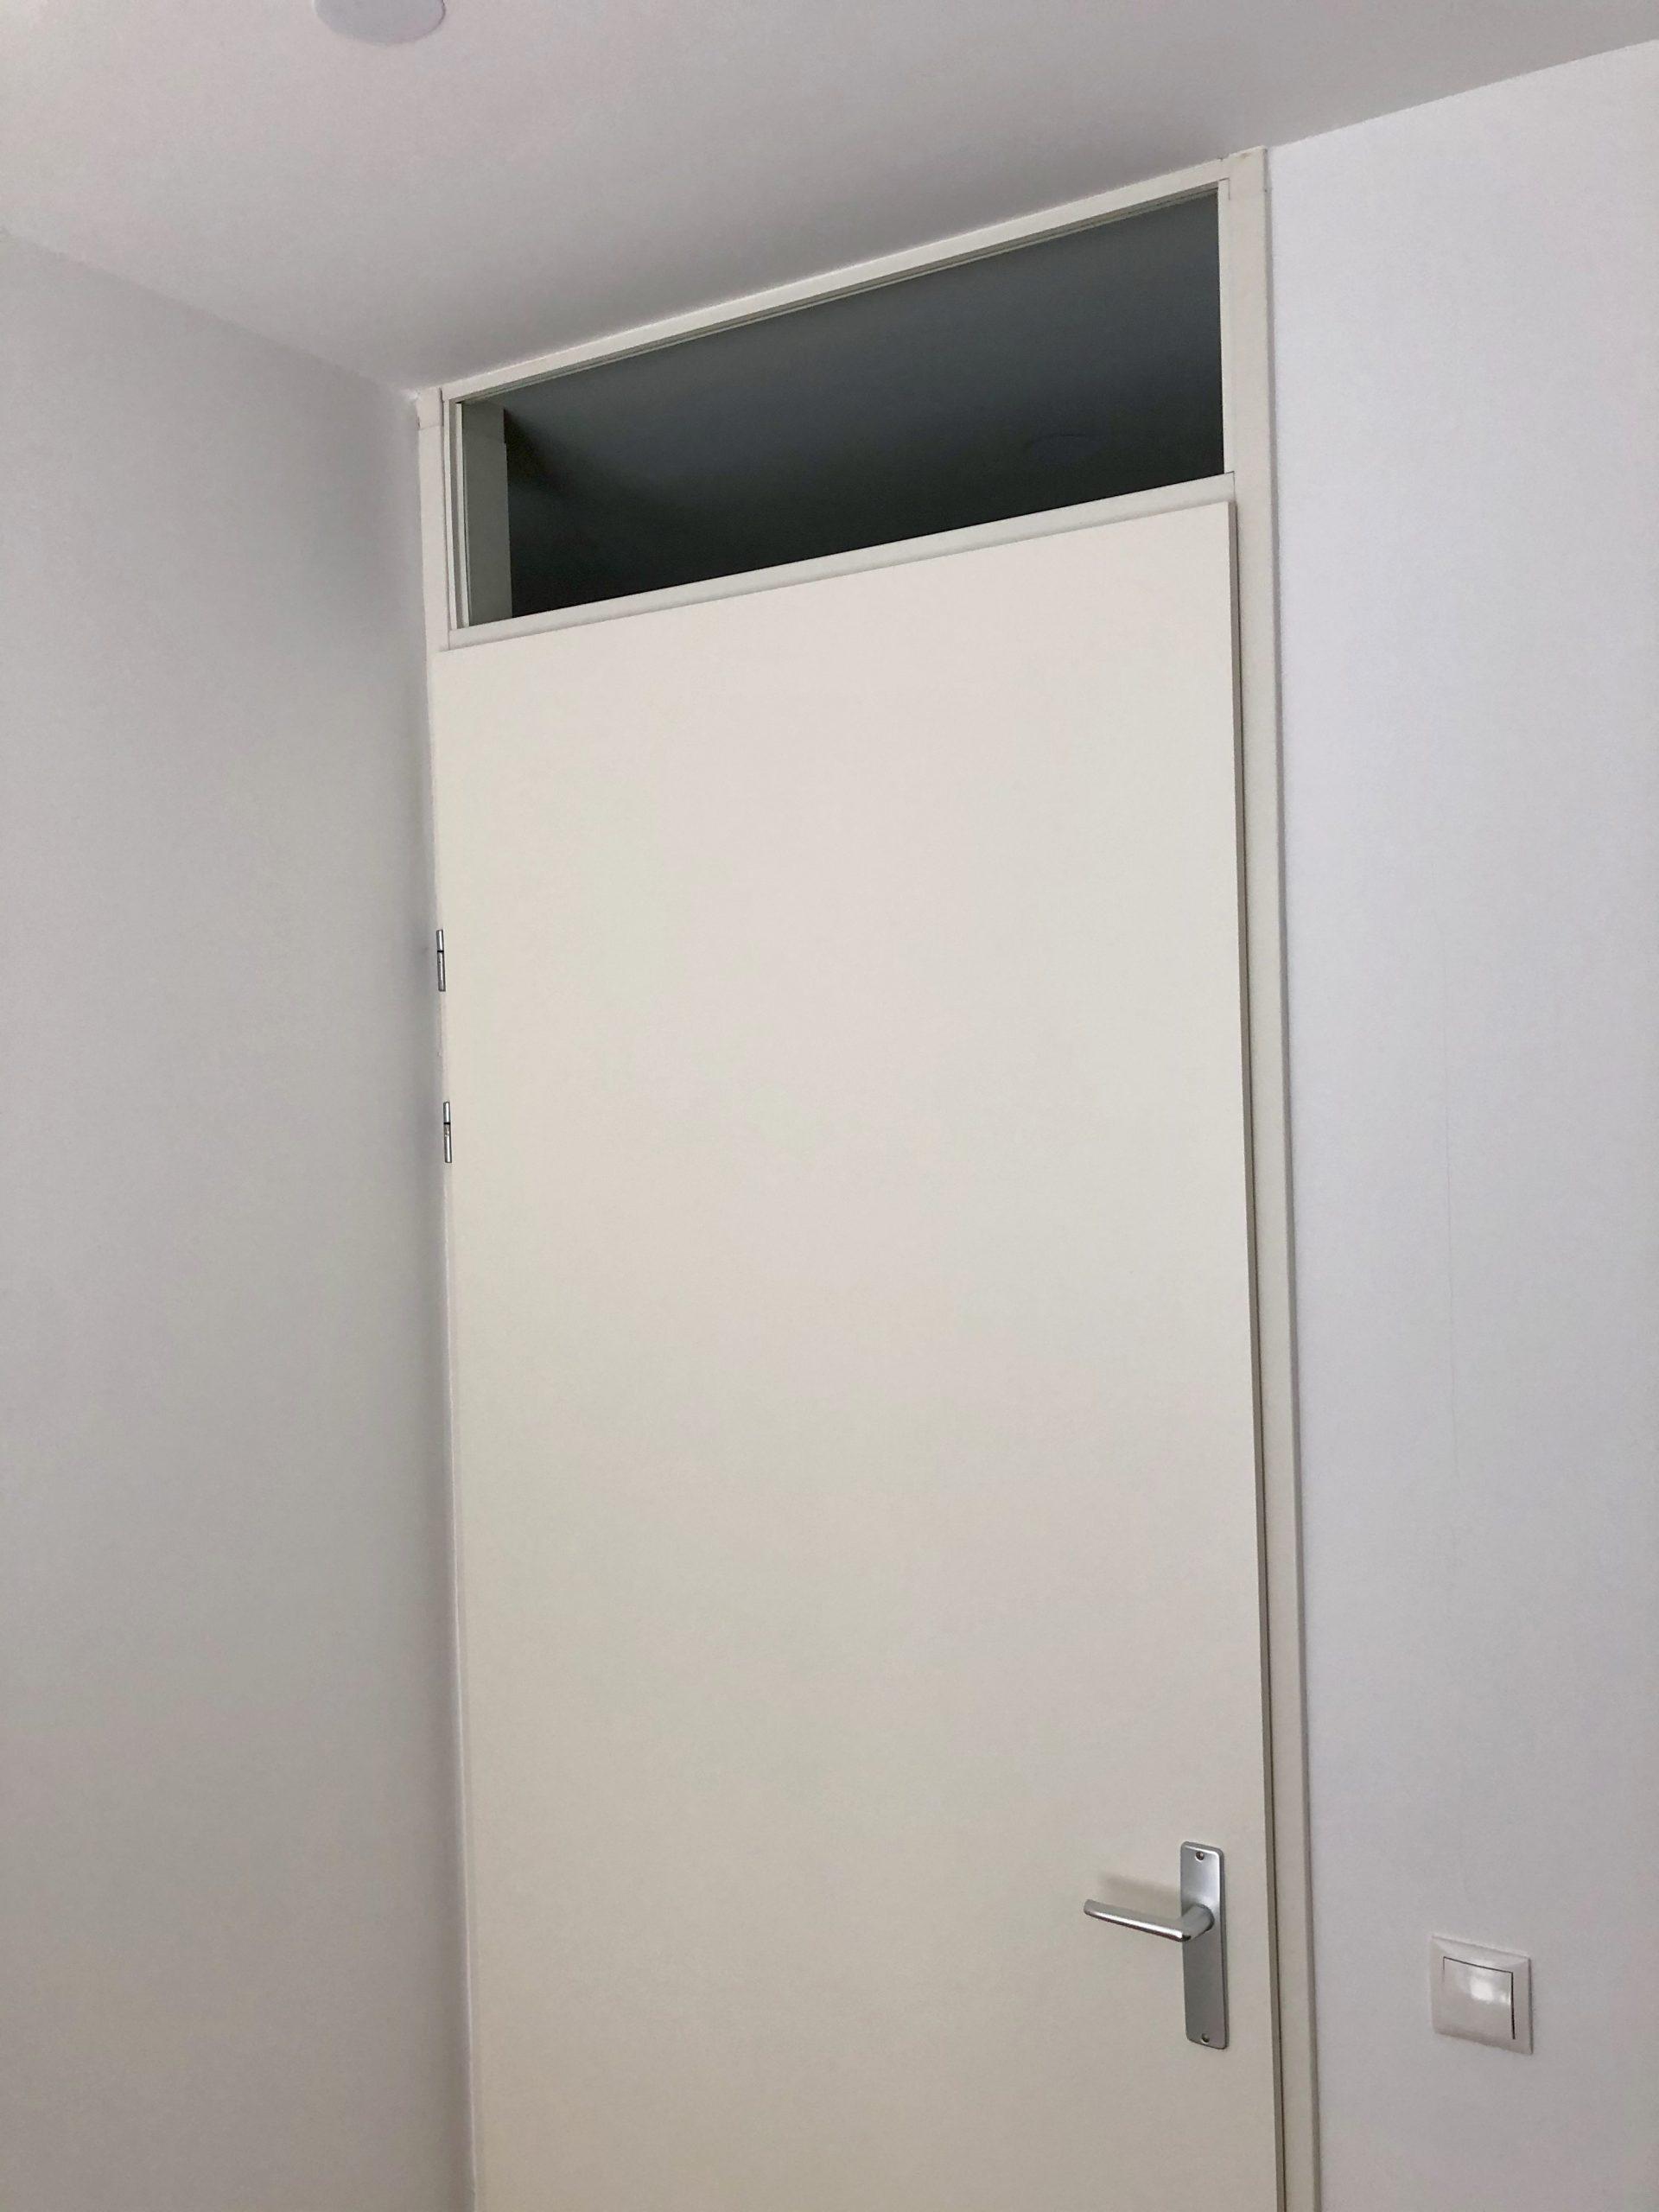 remplacement une fenêtre au dessus d'une porte HPL